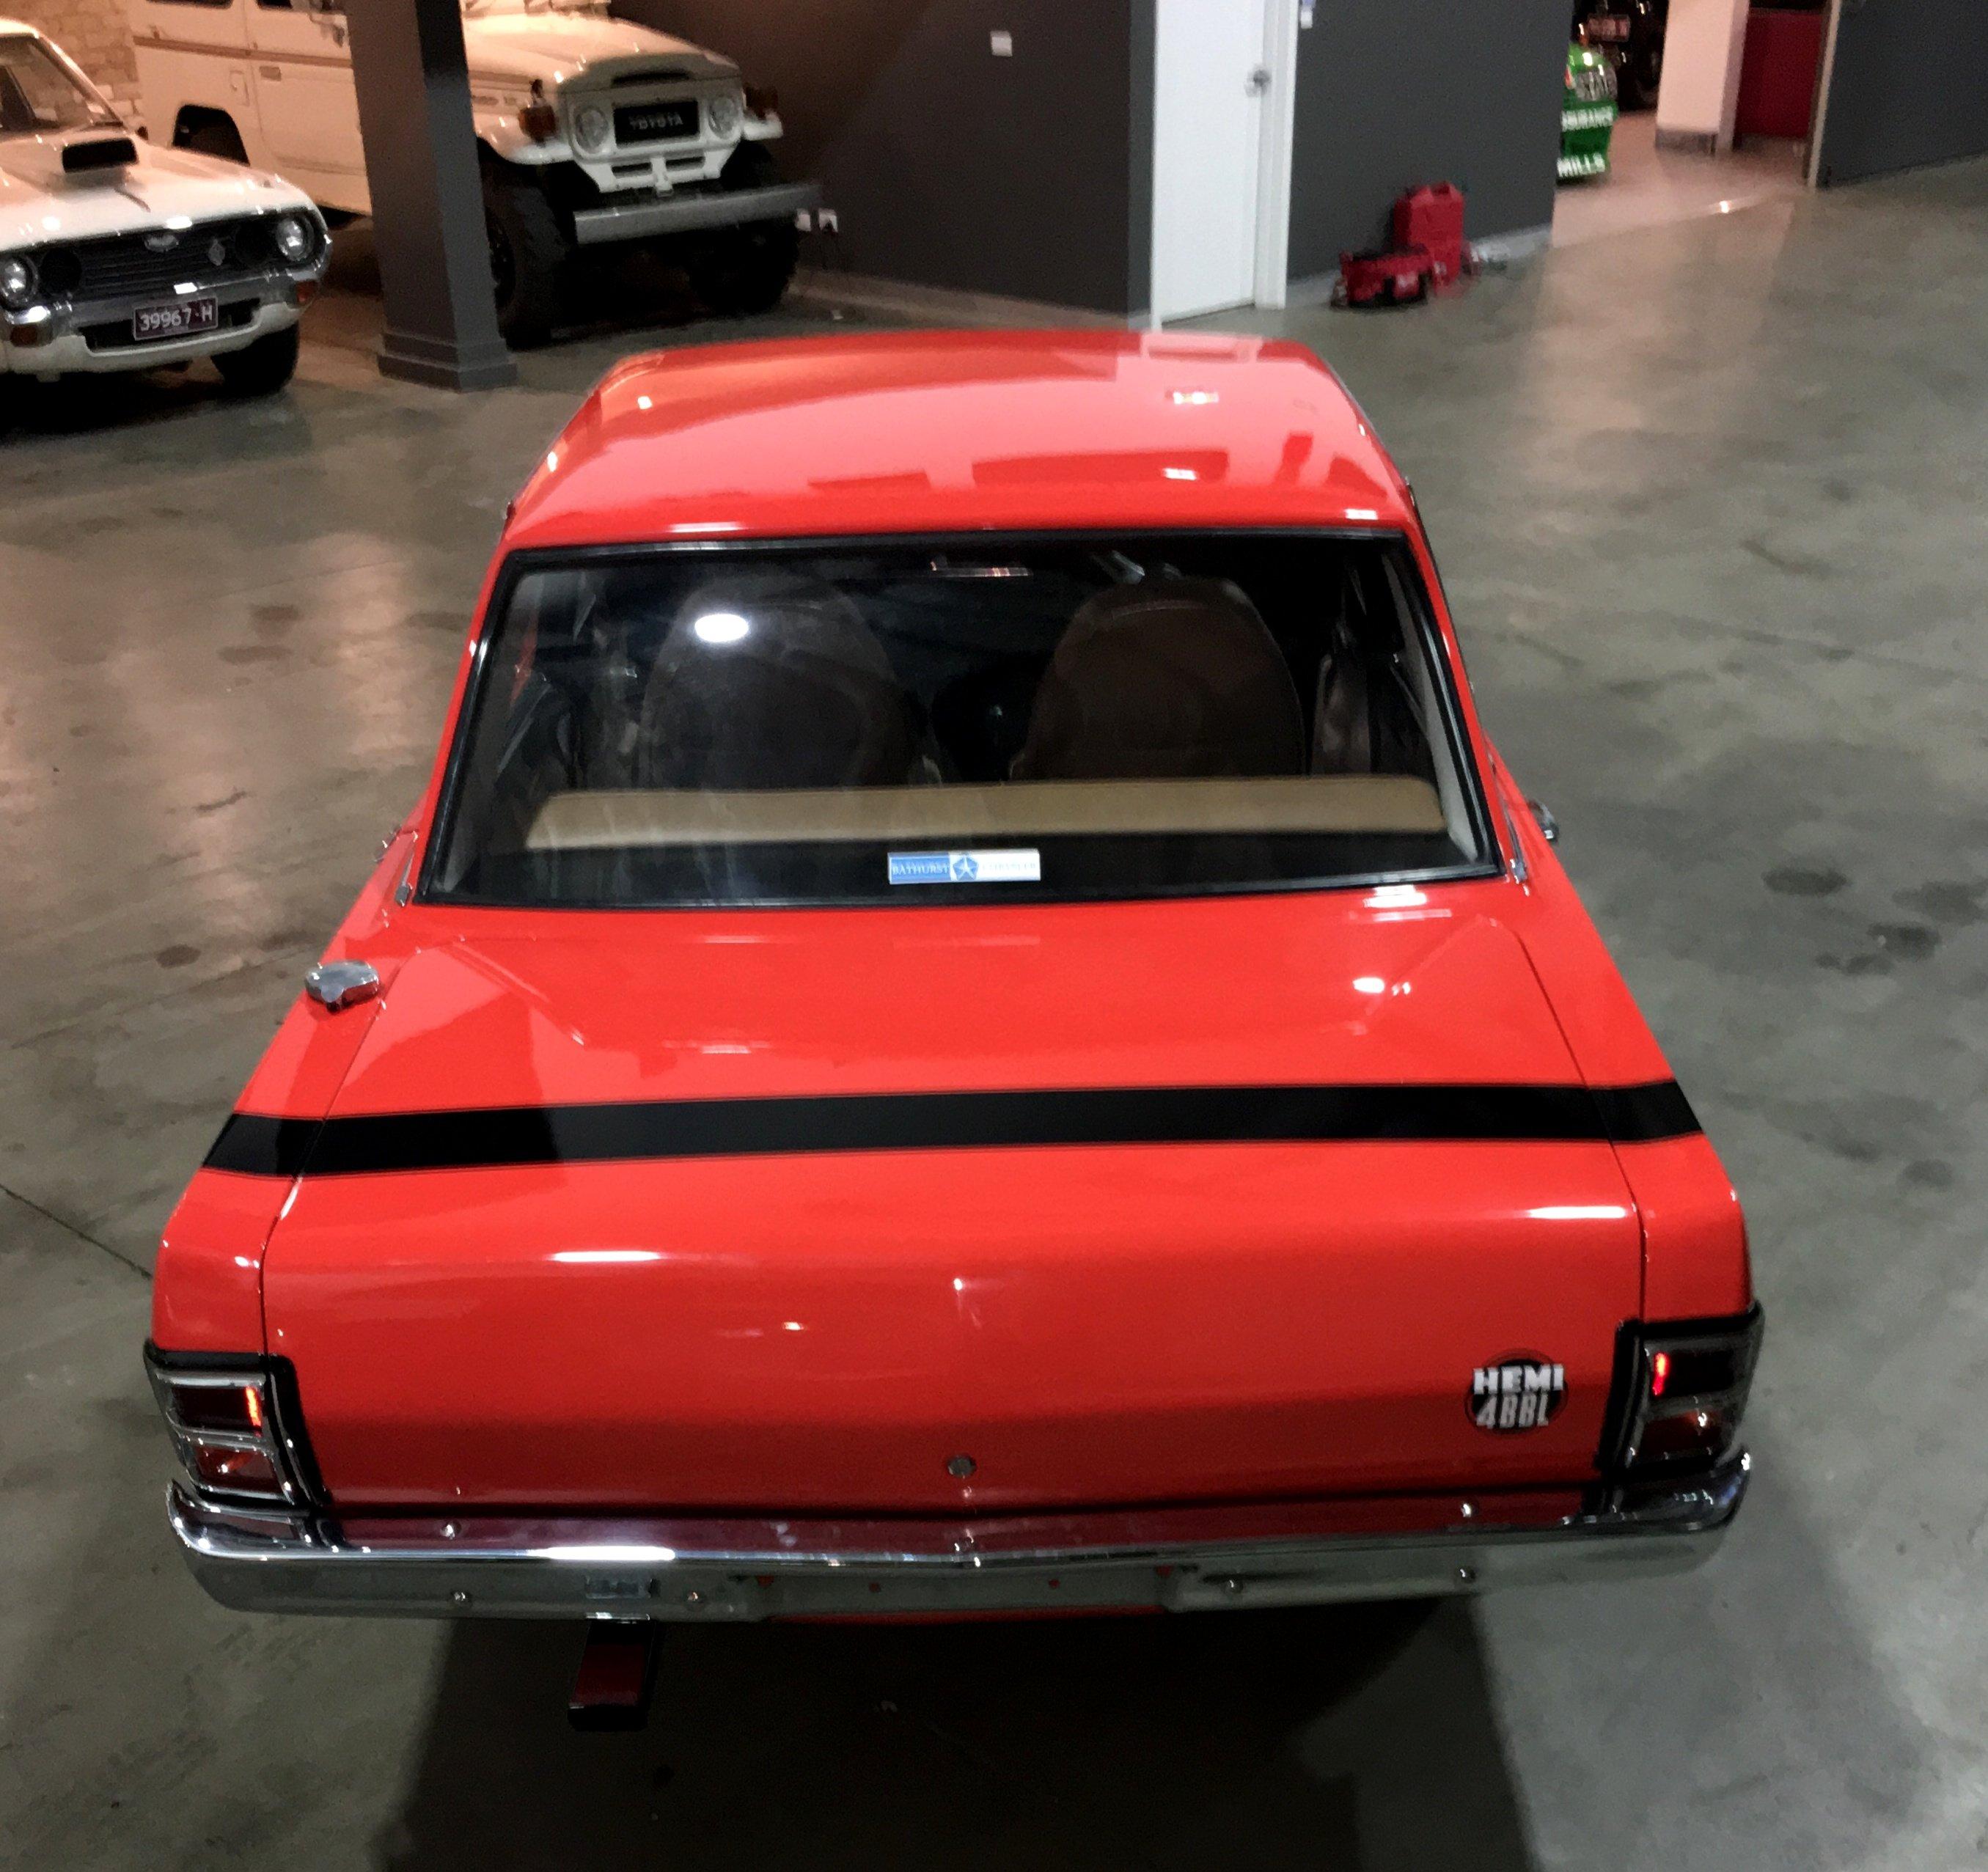 1970 Chrysler Valiant Pacer VG E34 Valiant Pacer